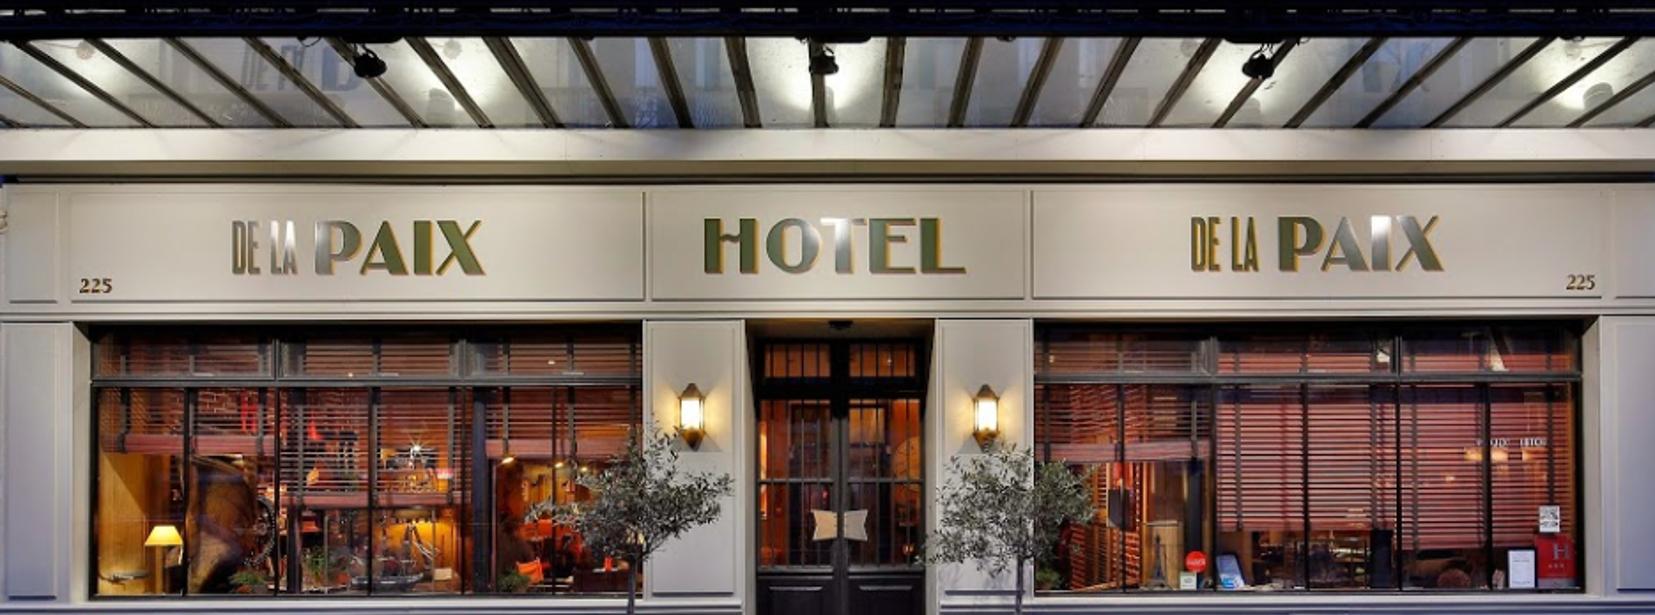 Hotel De La Paix Montparnasse Hatel De La Paix Montparnasse Paris Mycityhighlight